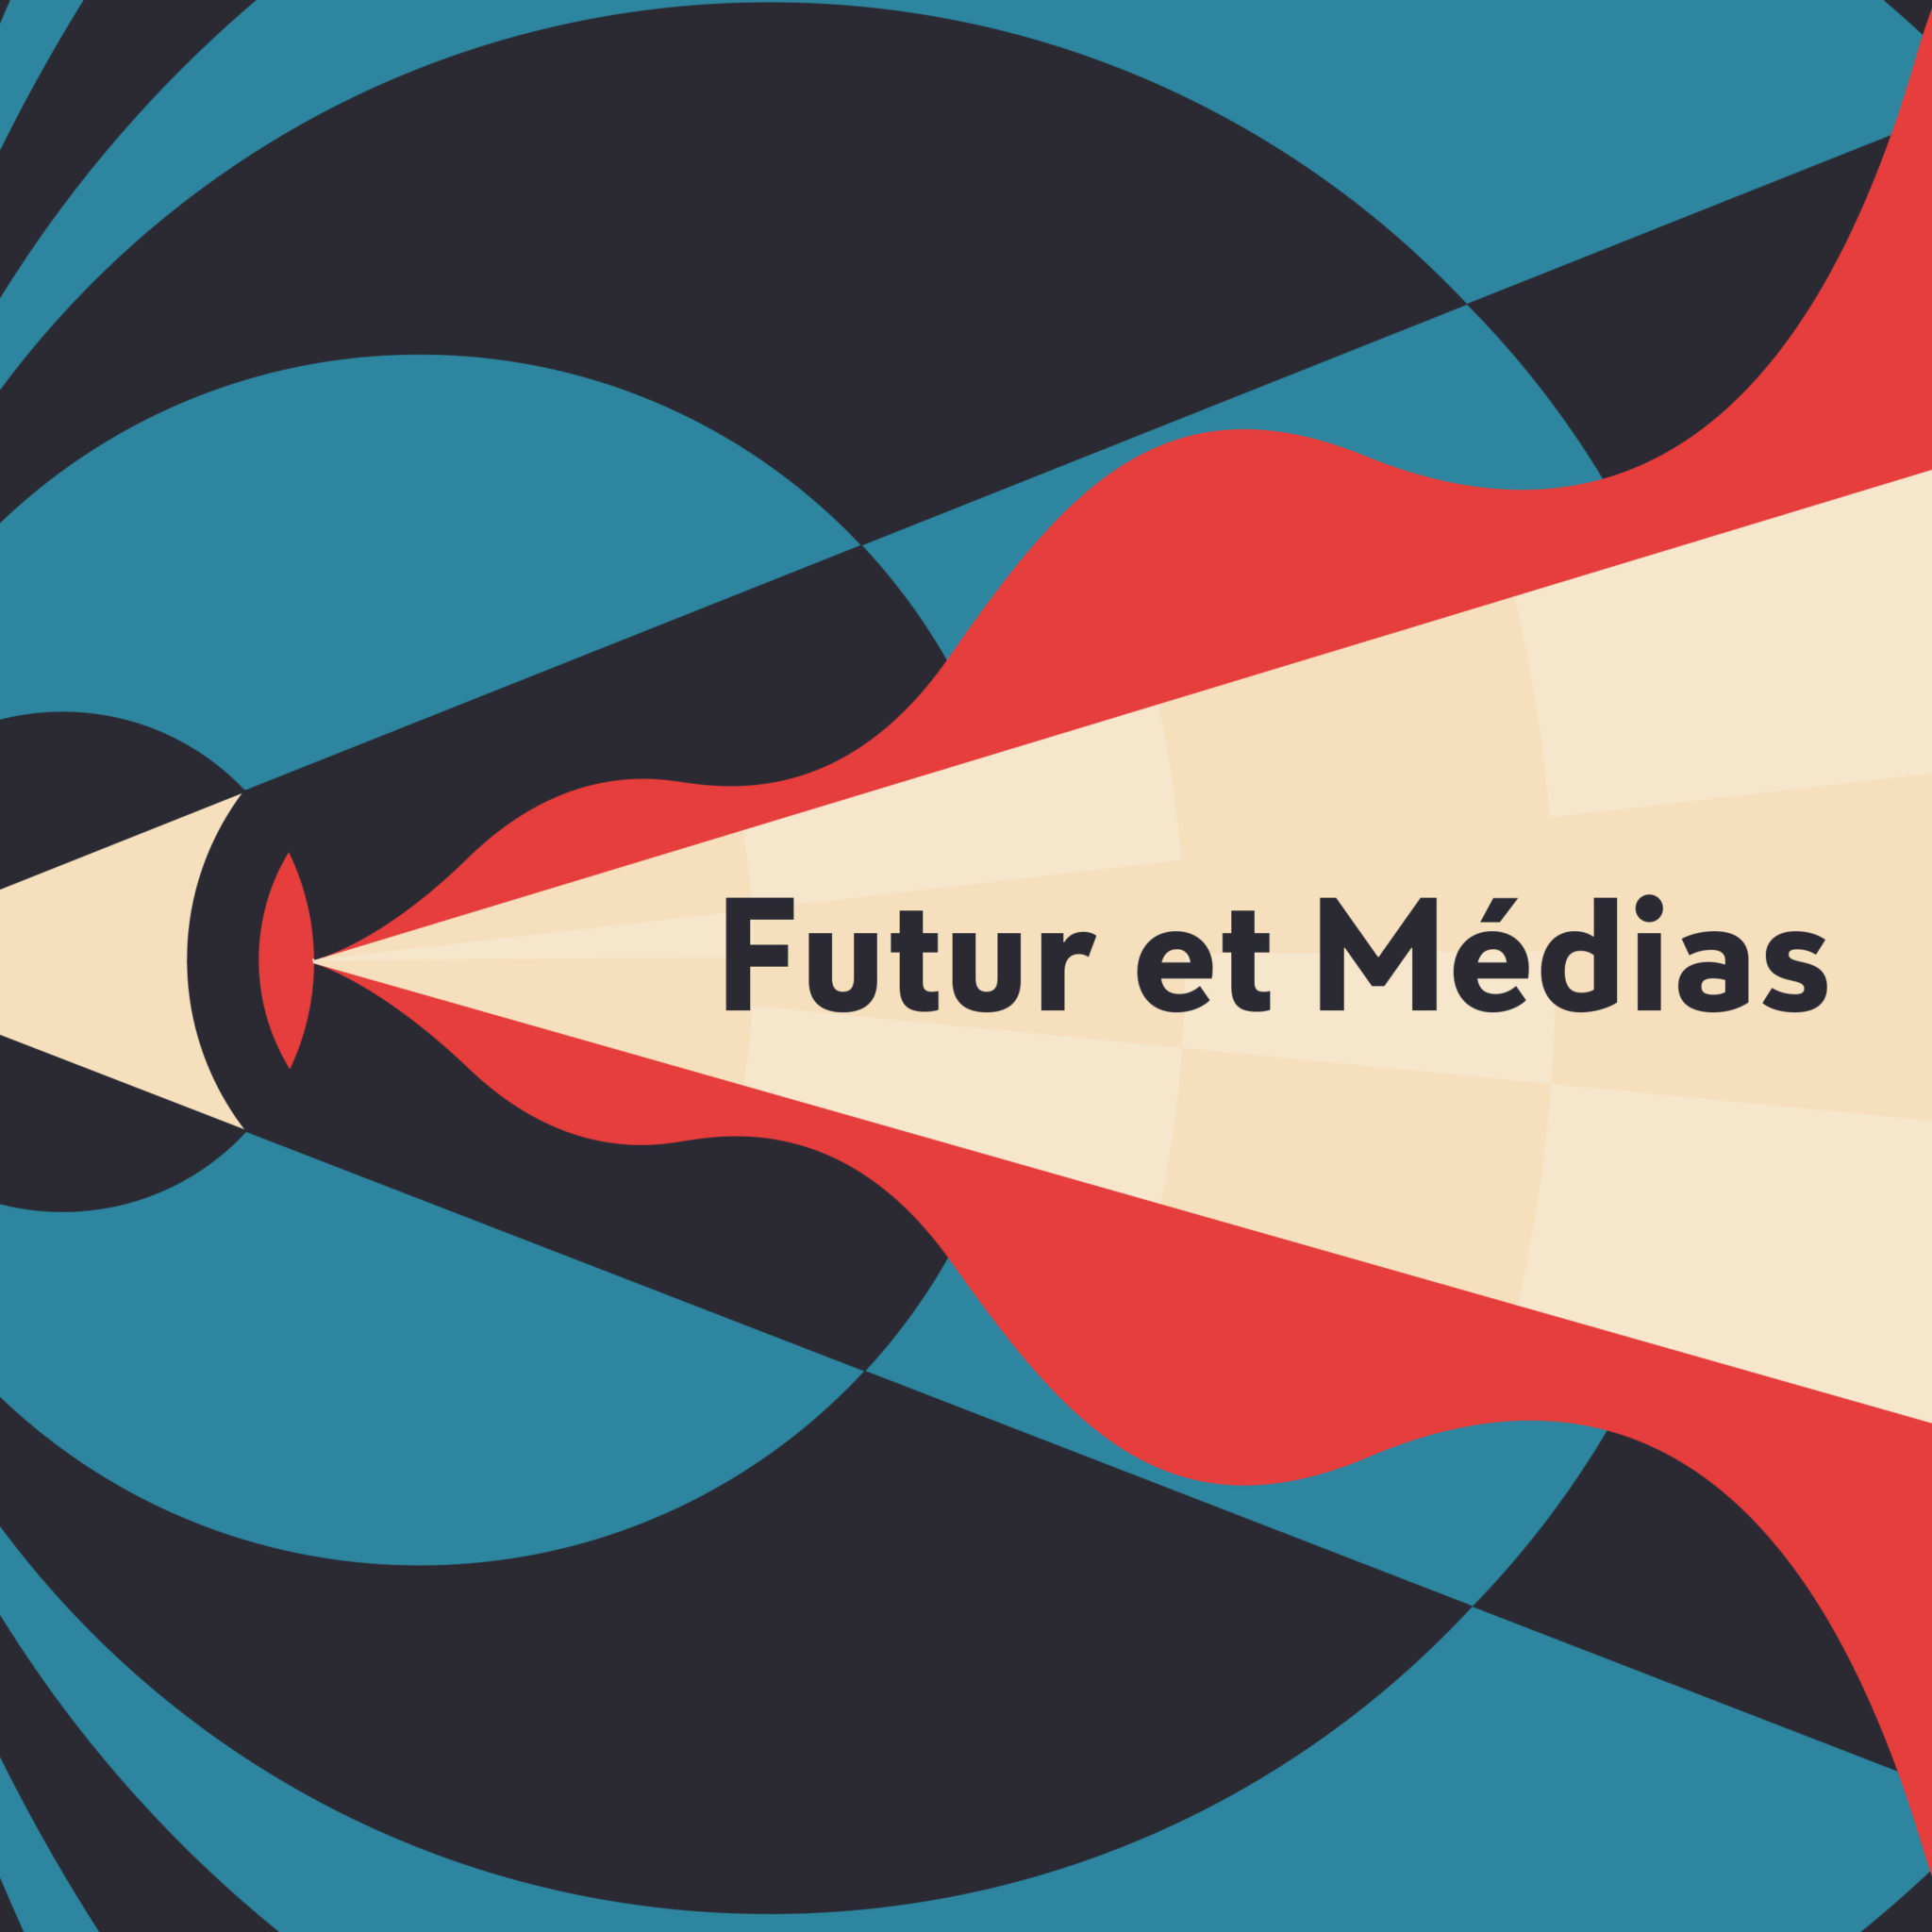 Futur et médias : Une nouvelle balado de langue française du Fonds des Médias du Canada